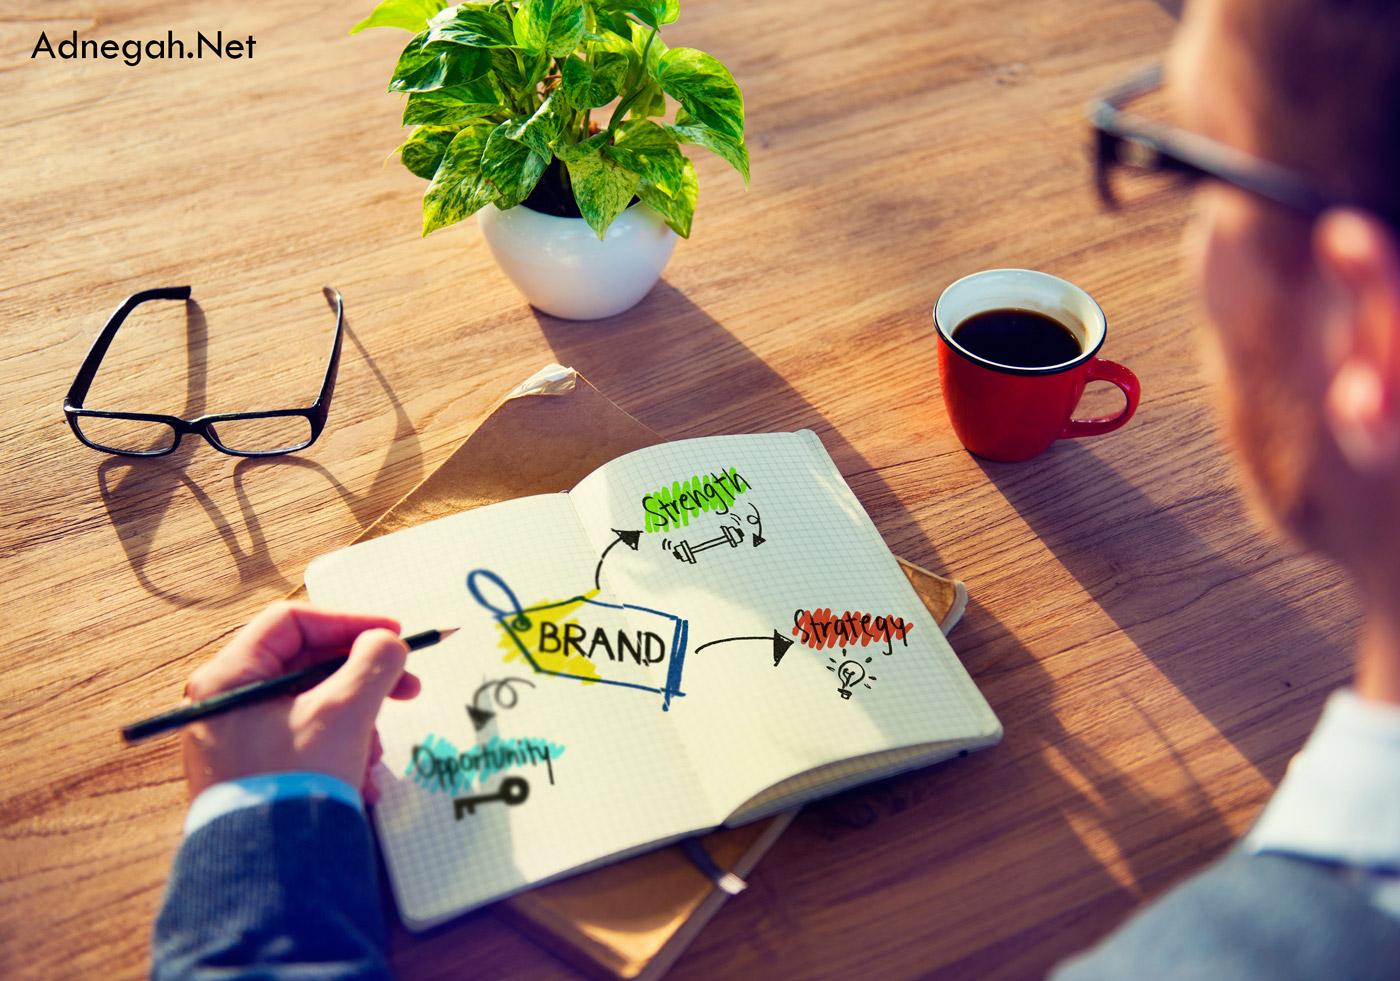 ۷ روش ساخت یک برند معتبر توسط رسانههای اجتماعی